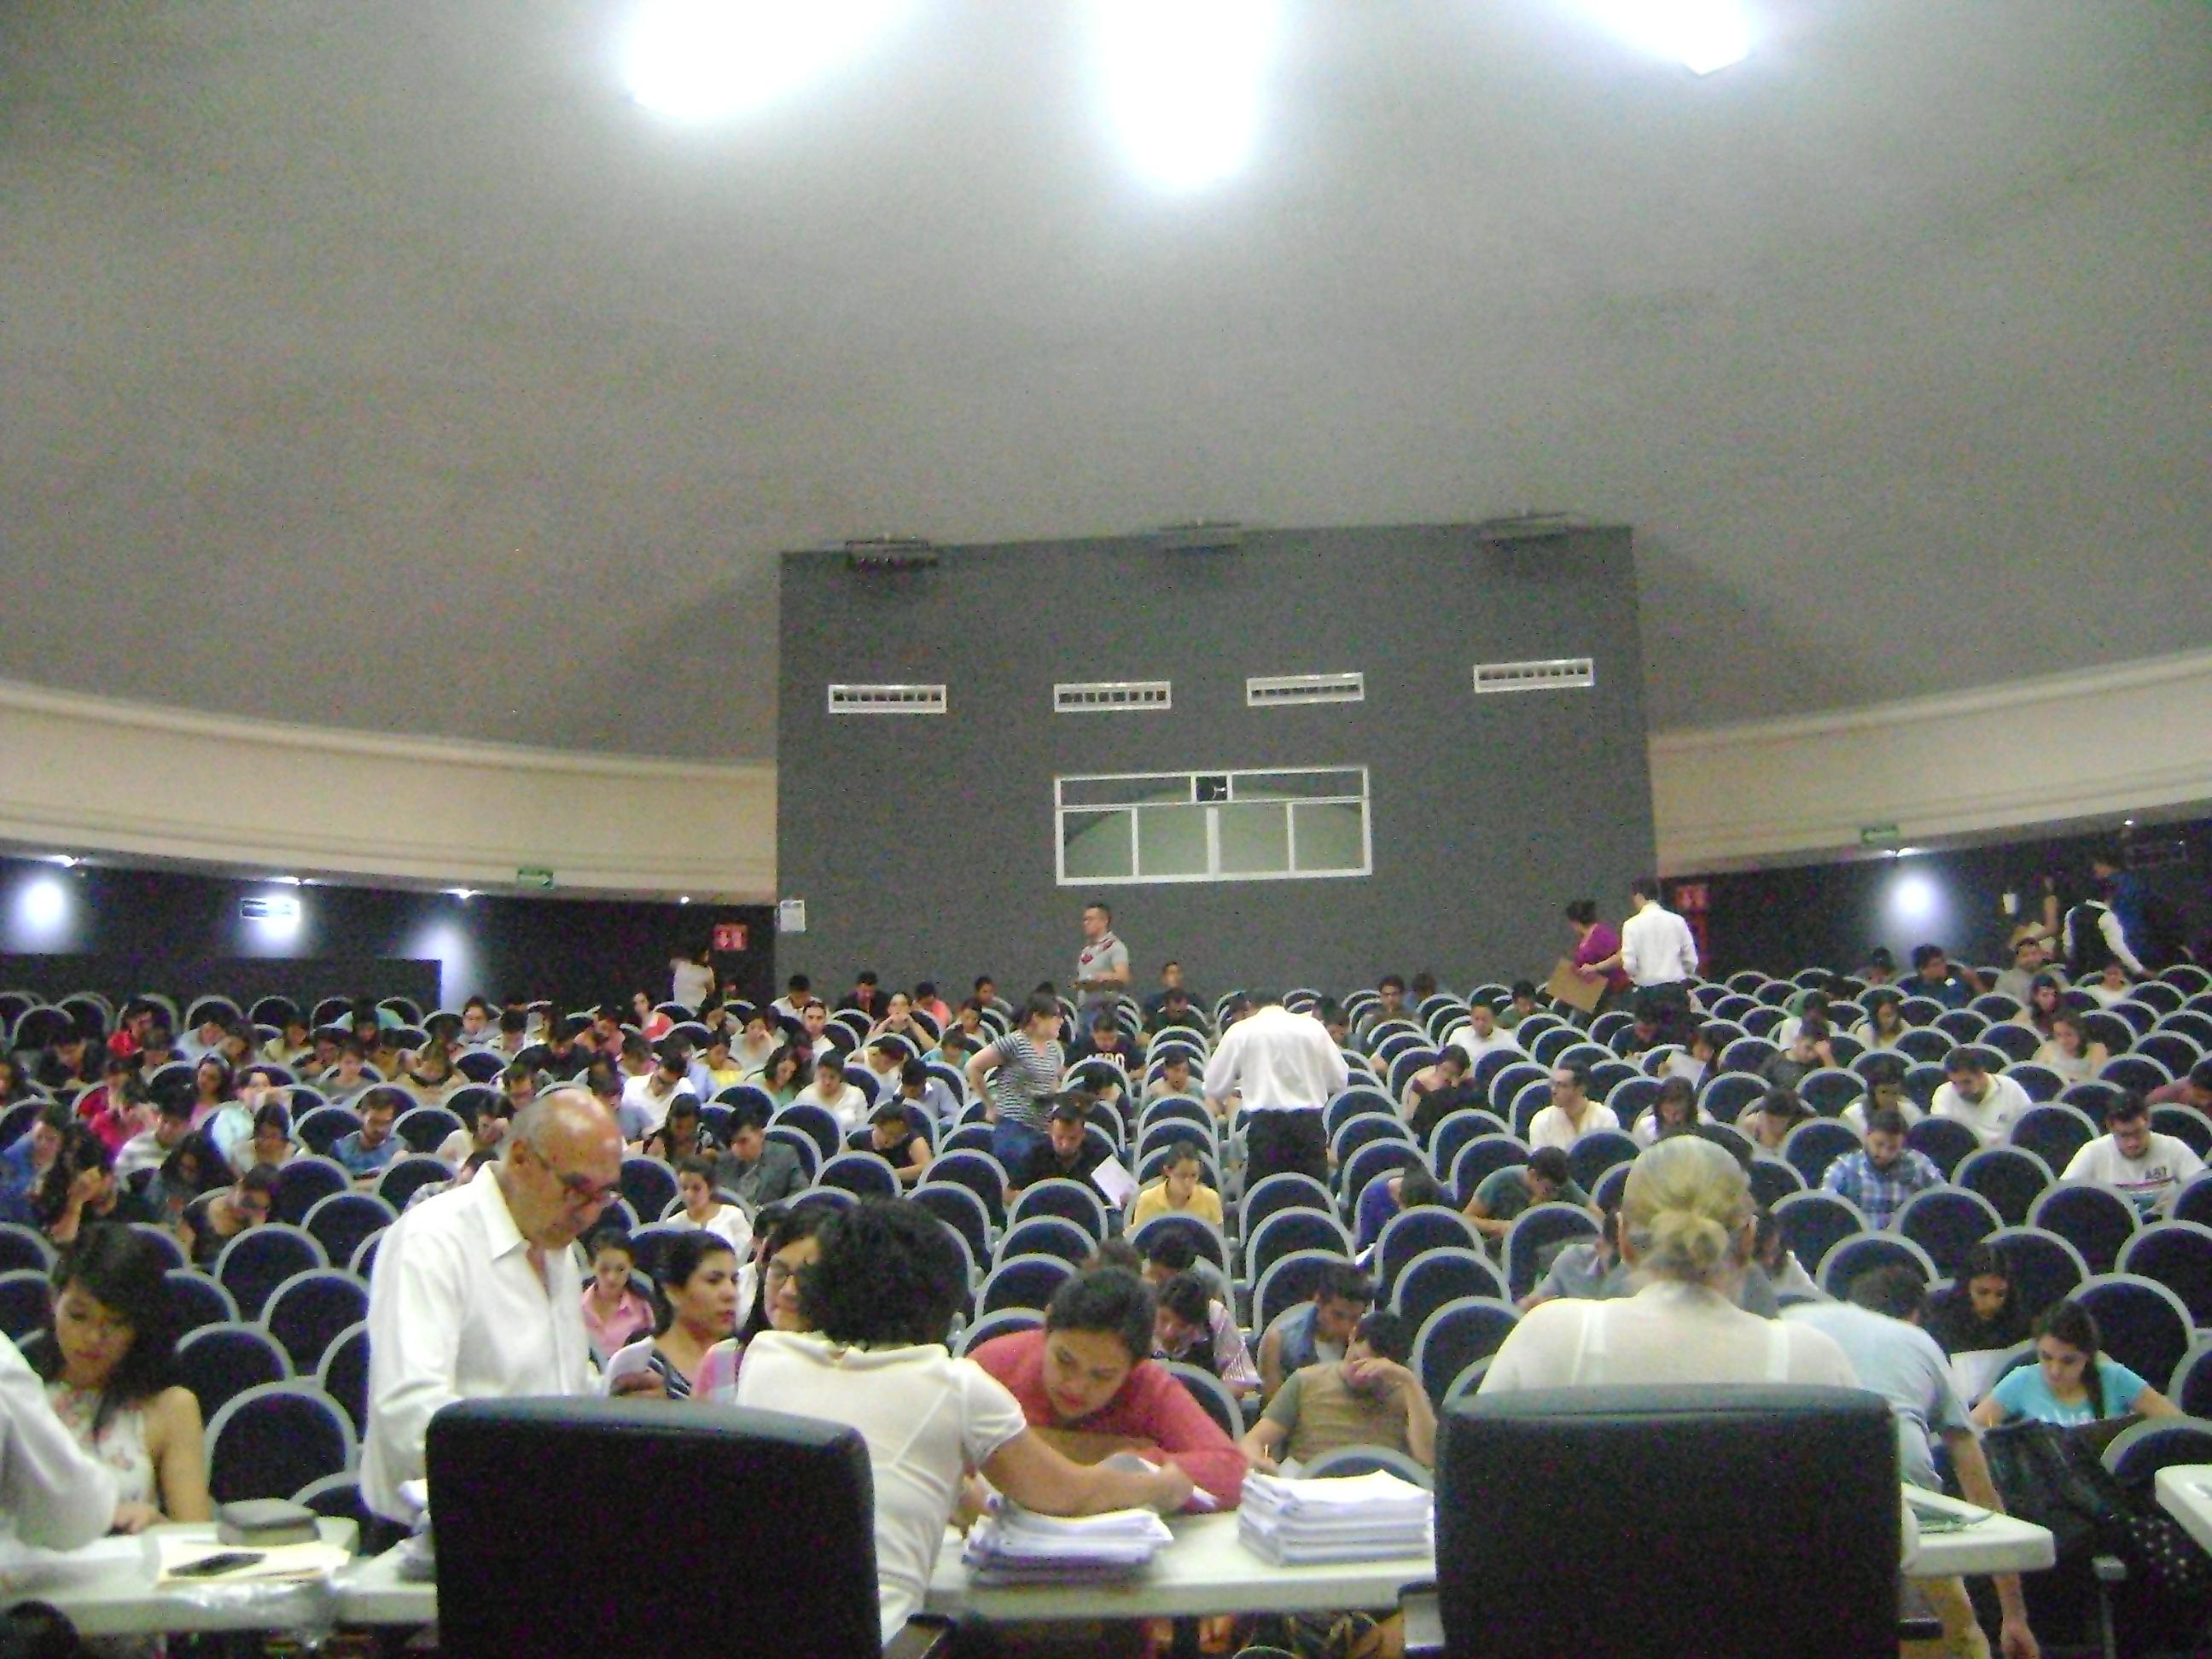 Sesión de evaluación en el Auditorio Roberto Mendiola Orta del CUCS, en primer plano los evaluadores